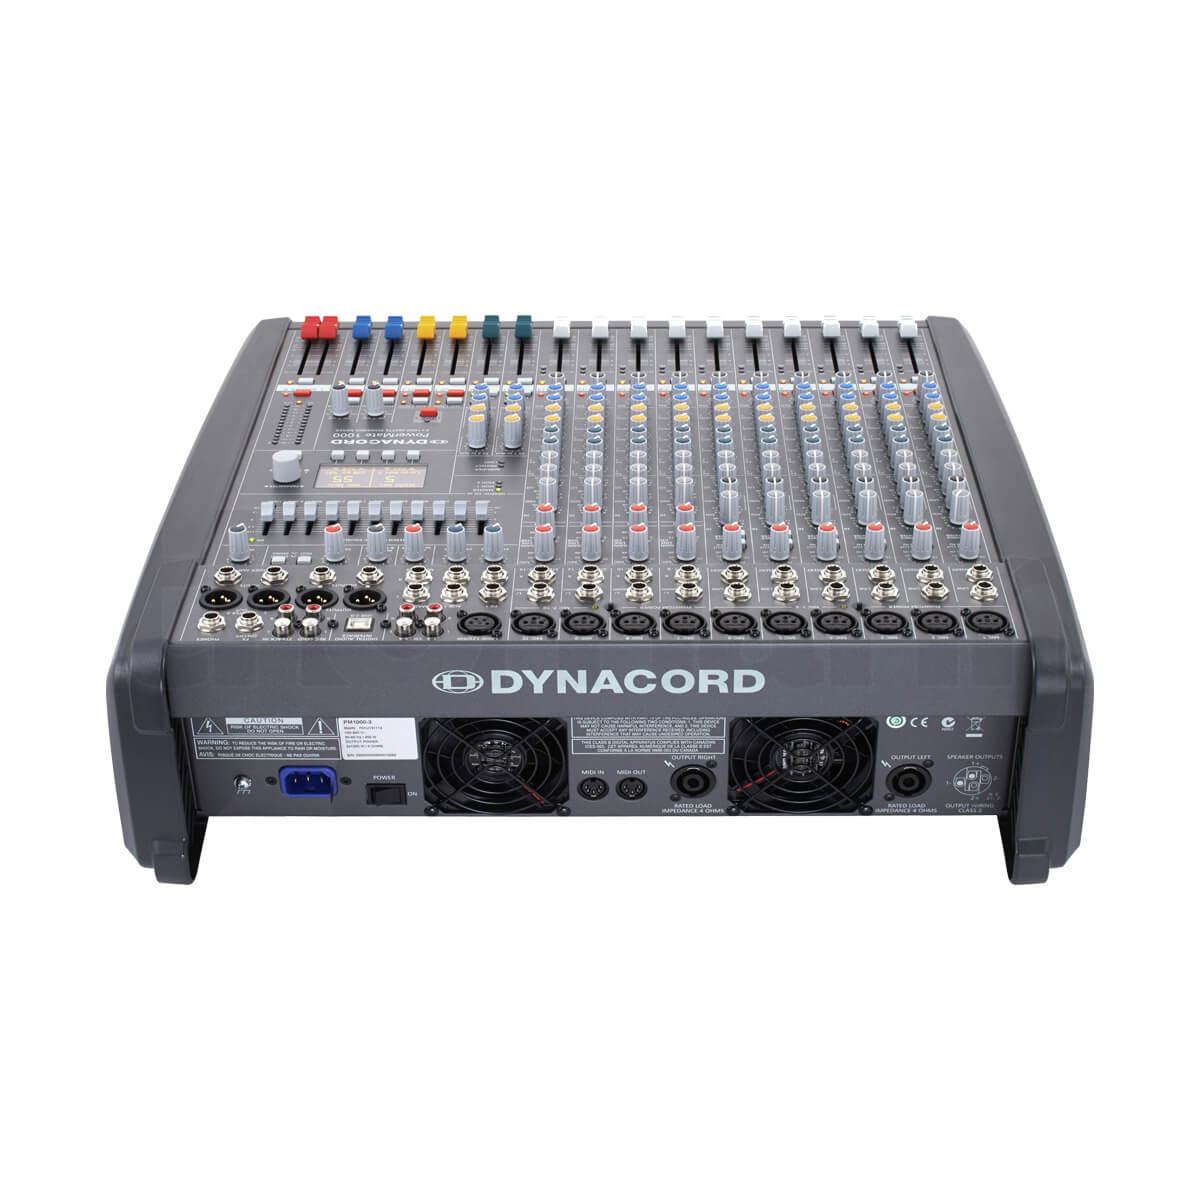 Mixer Dynacord Powermate 1000-3 chính hãng